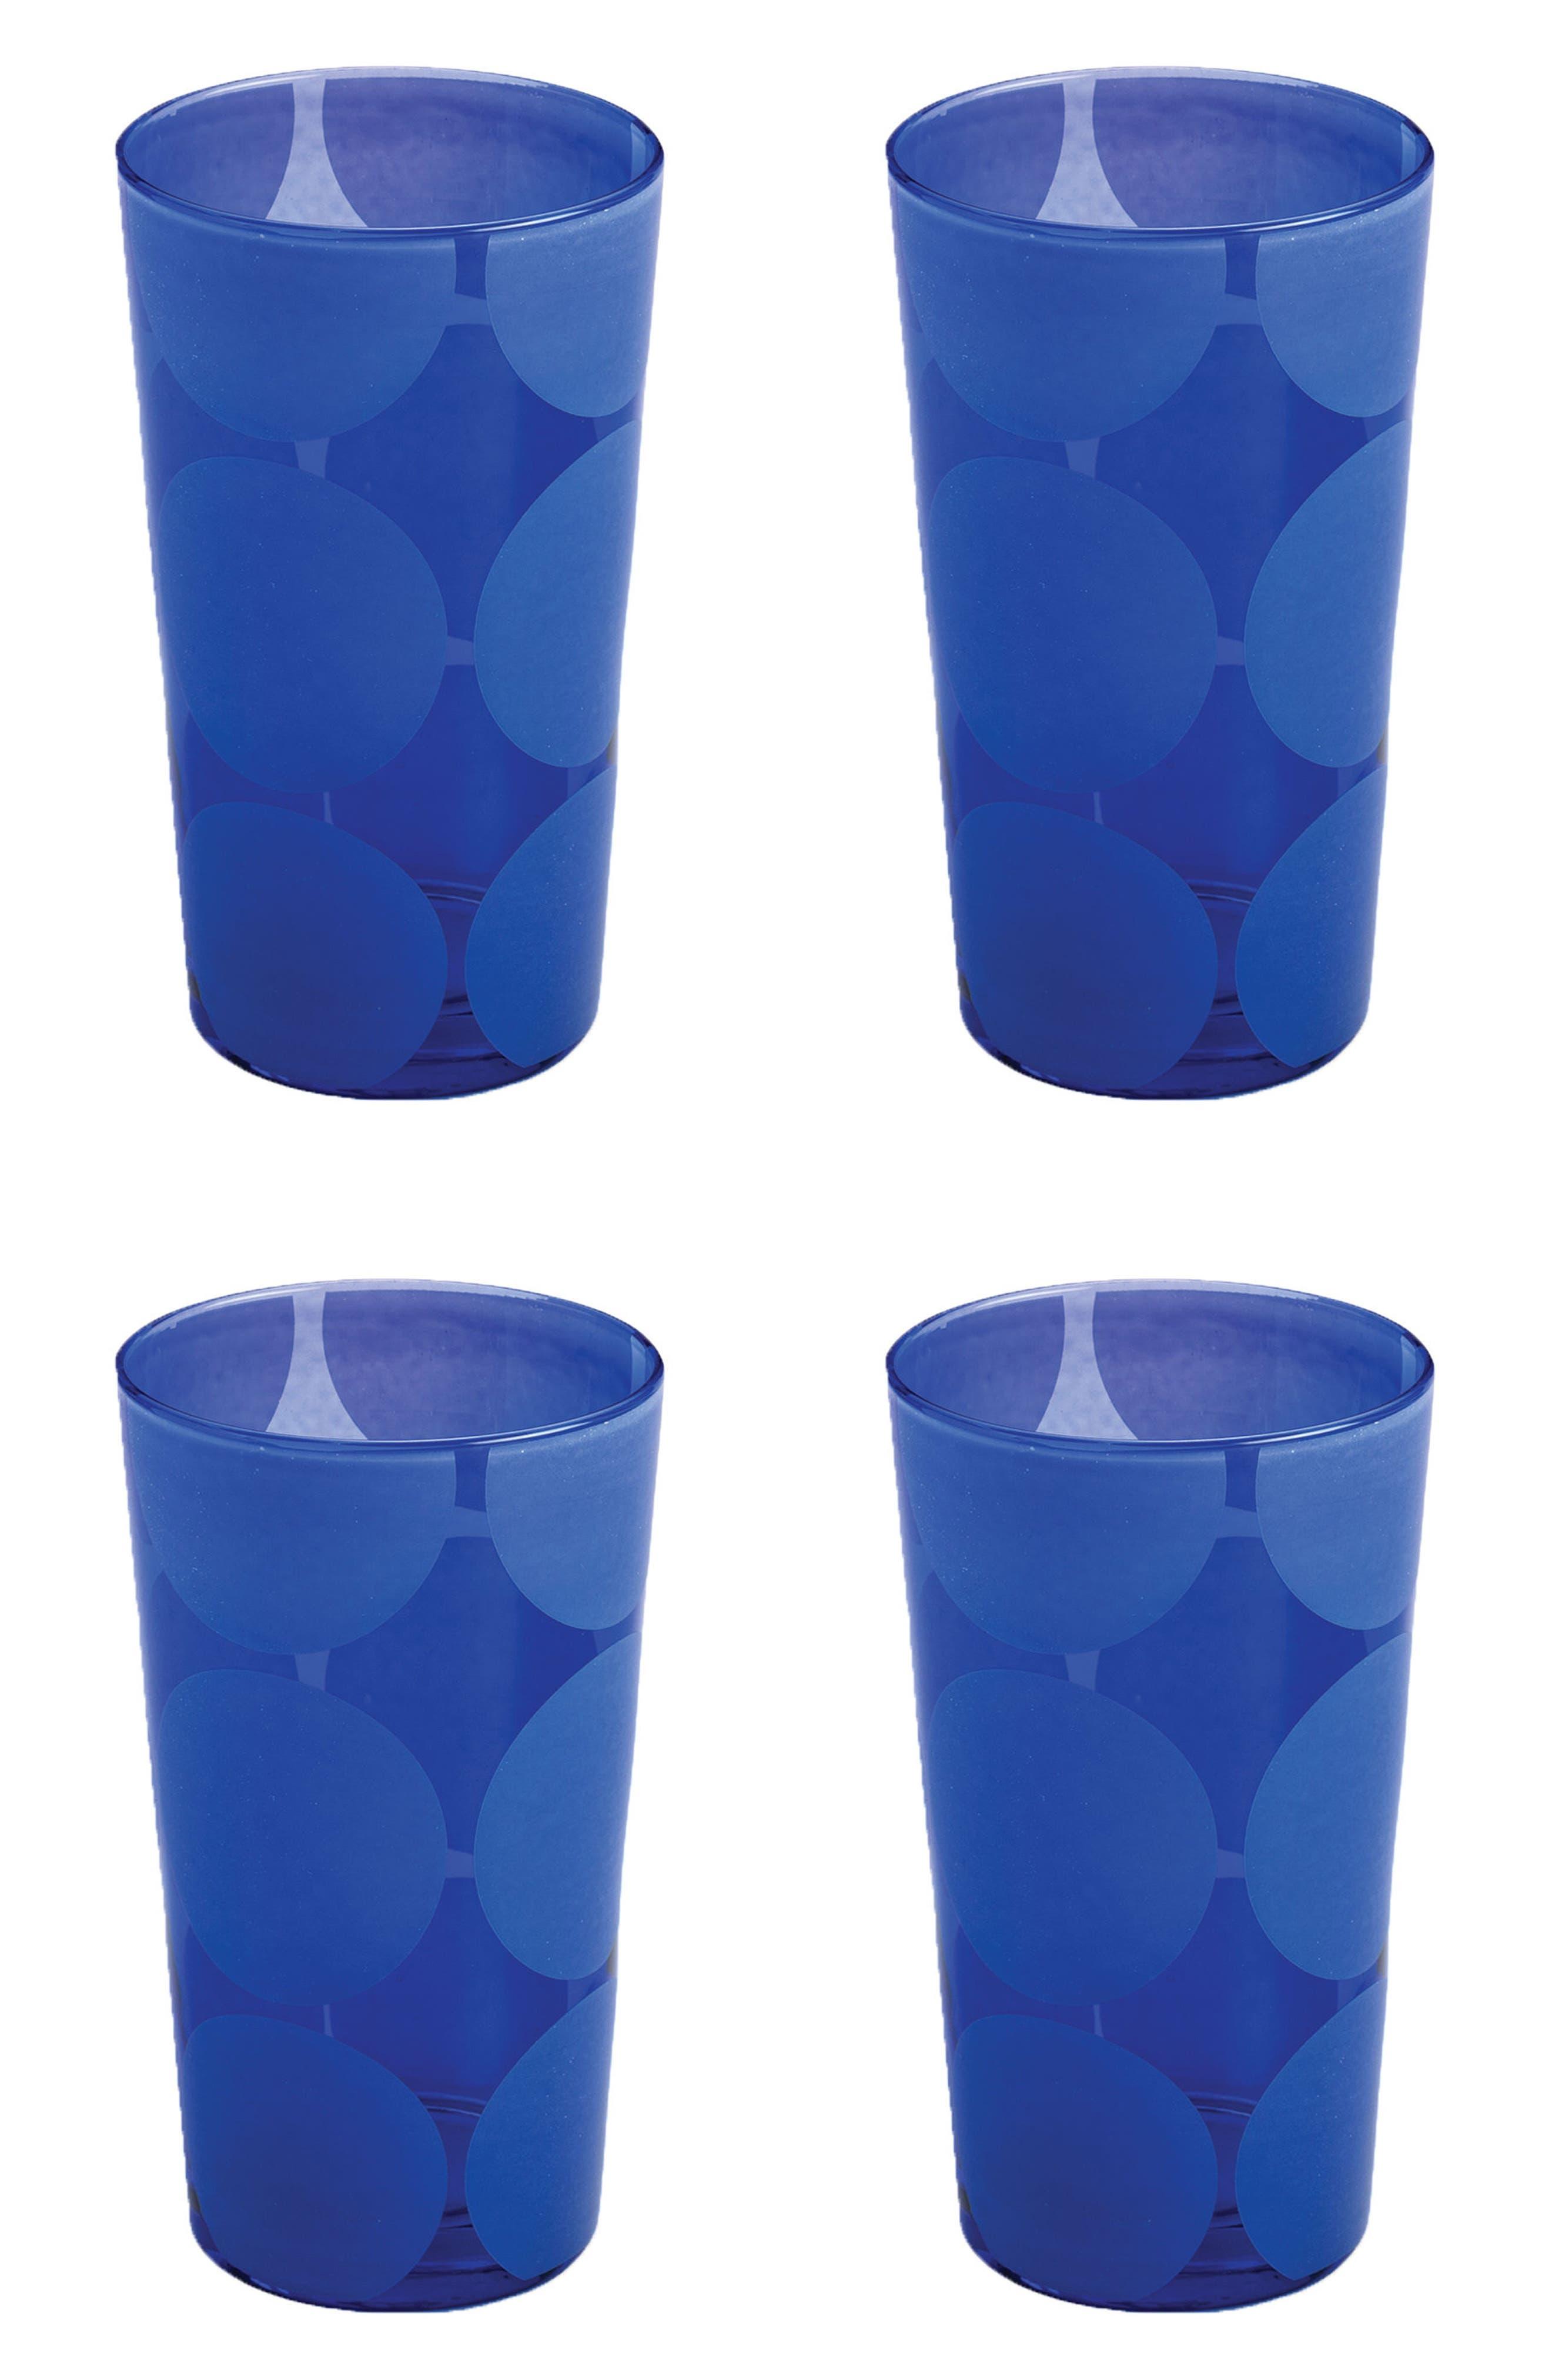 Santorini Set of 4 Glass Tumblers,                             Main thumbnail 1, color,                             Blue